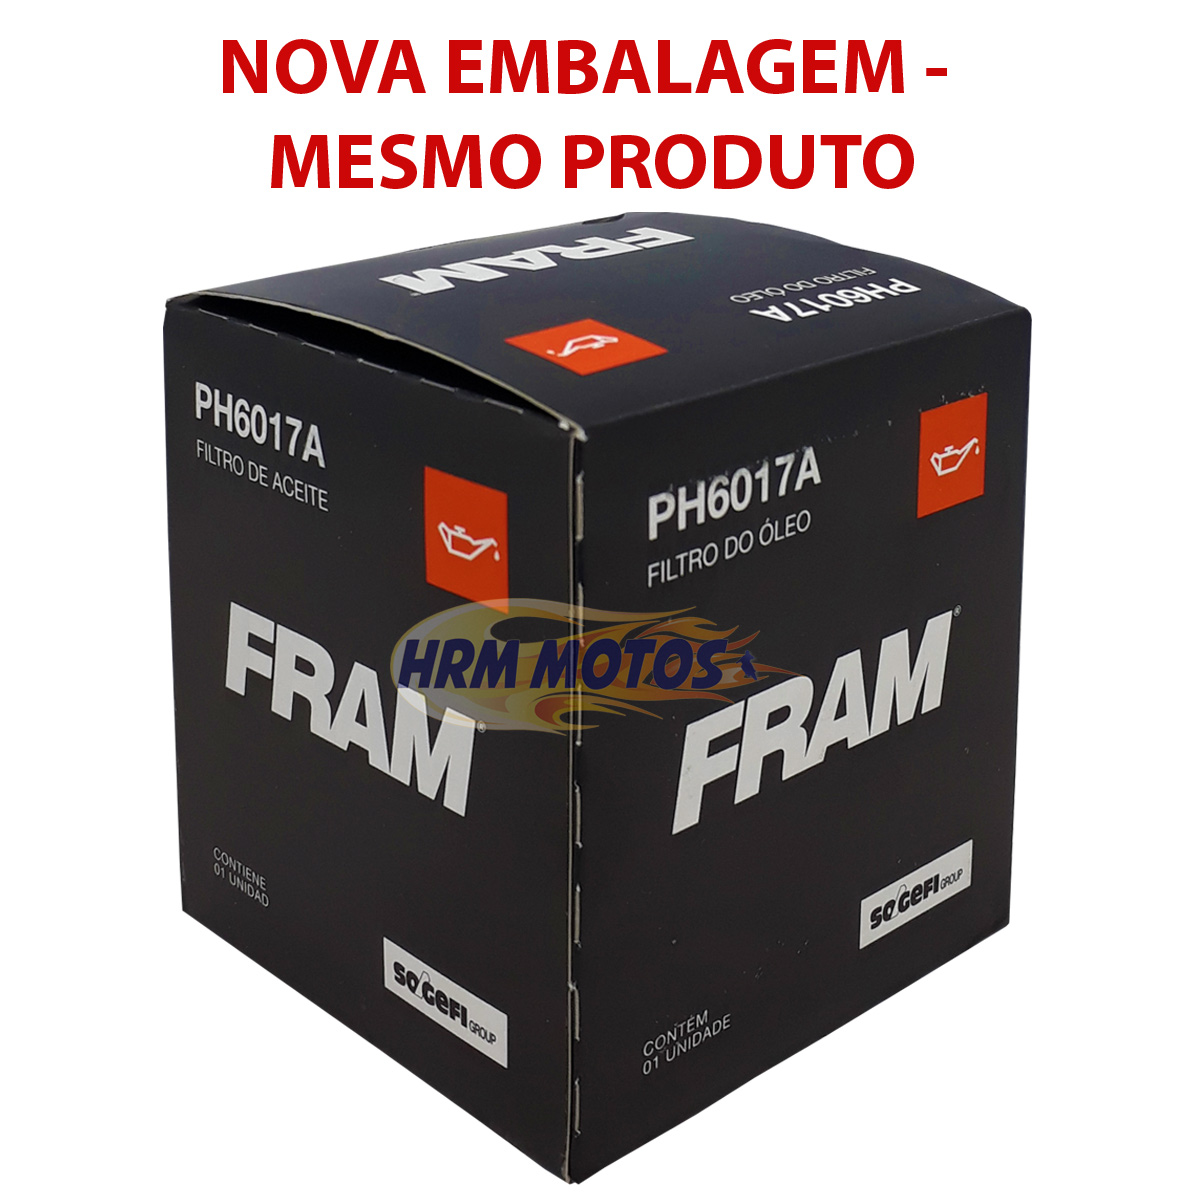 Filtro De Óleo Honda Shadow 600/750/nc700/750x Ph6017a Fram